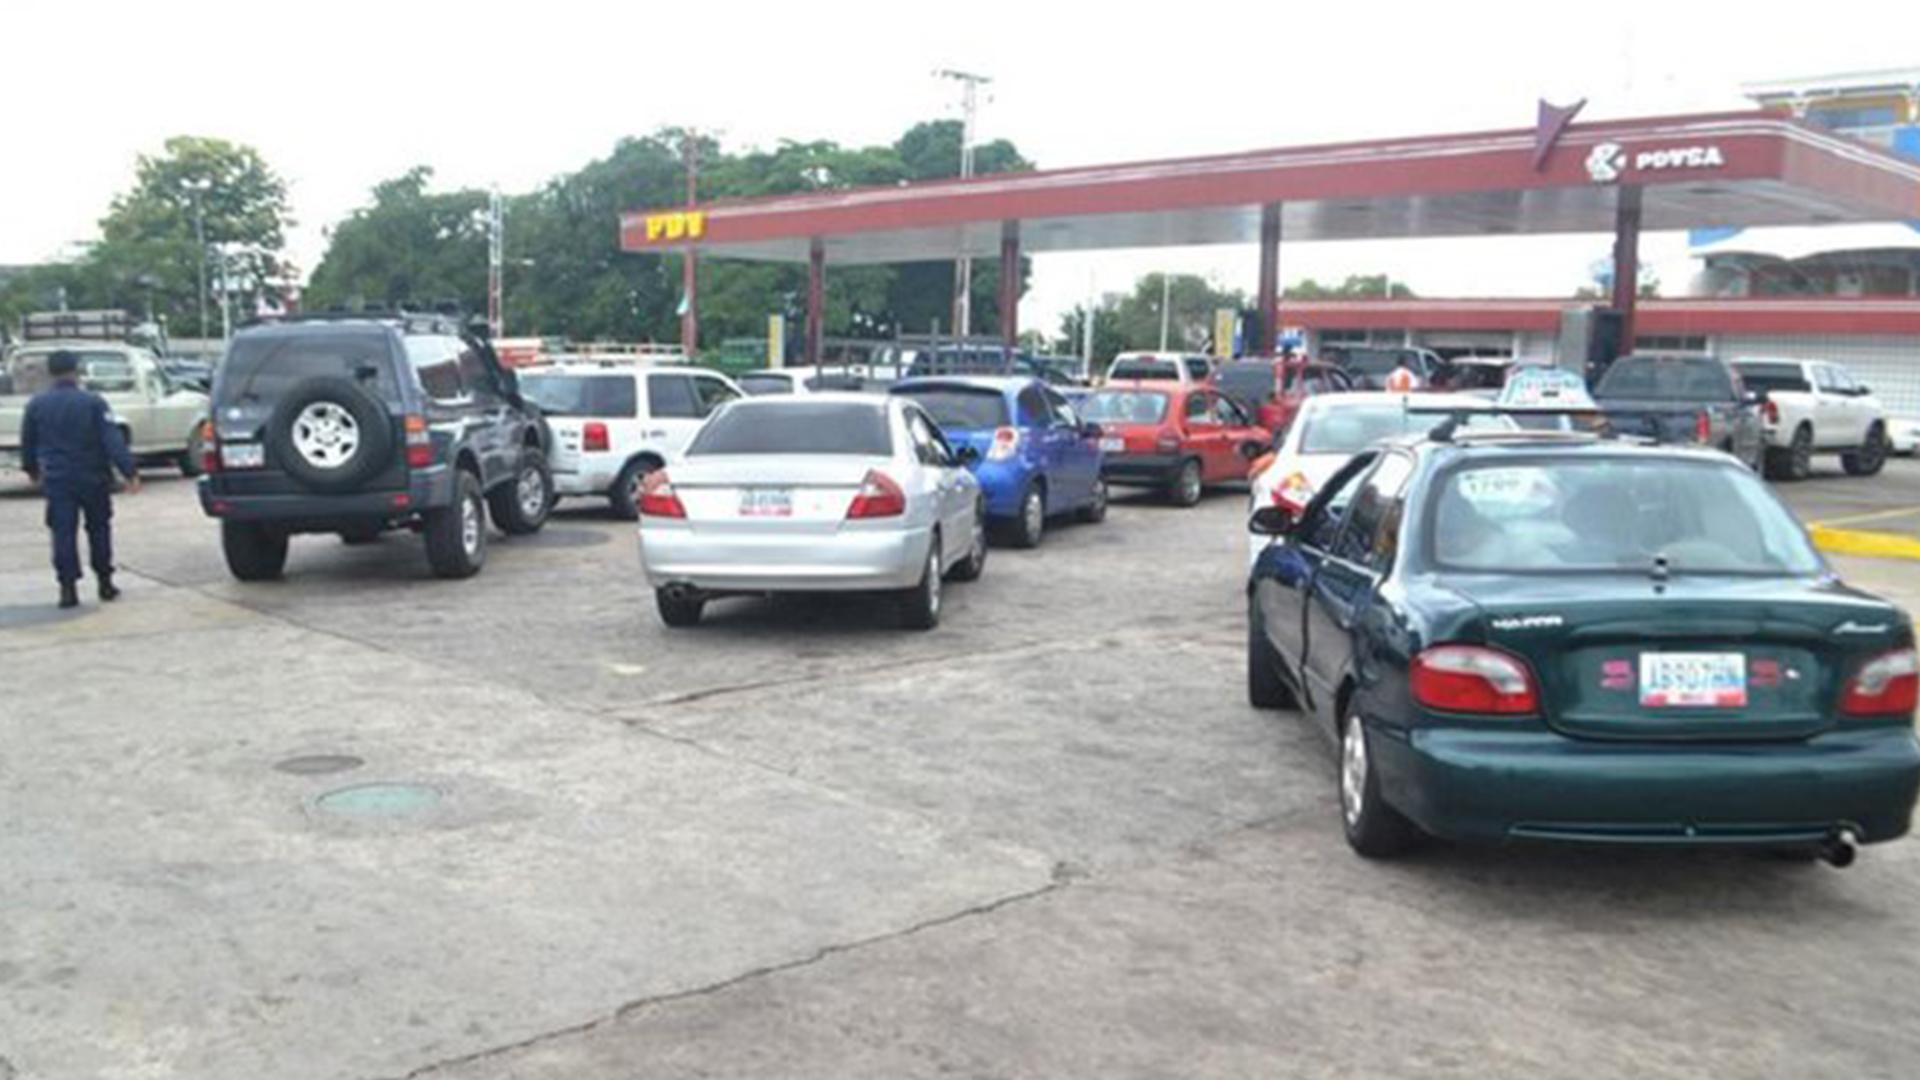 Caos, colas kilométricas y robos: así se ha vivido el esquema de suministro de gasolina en 6 regiones del país